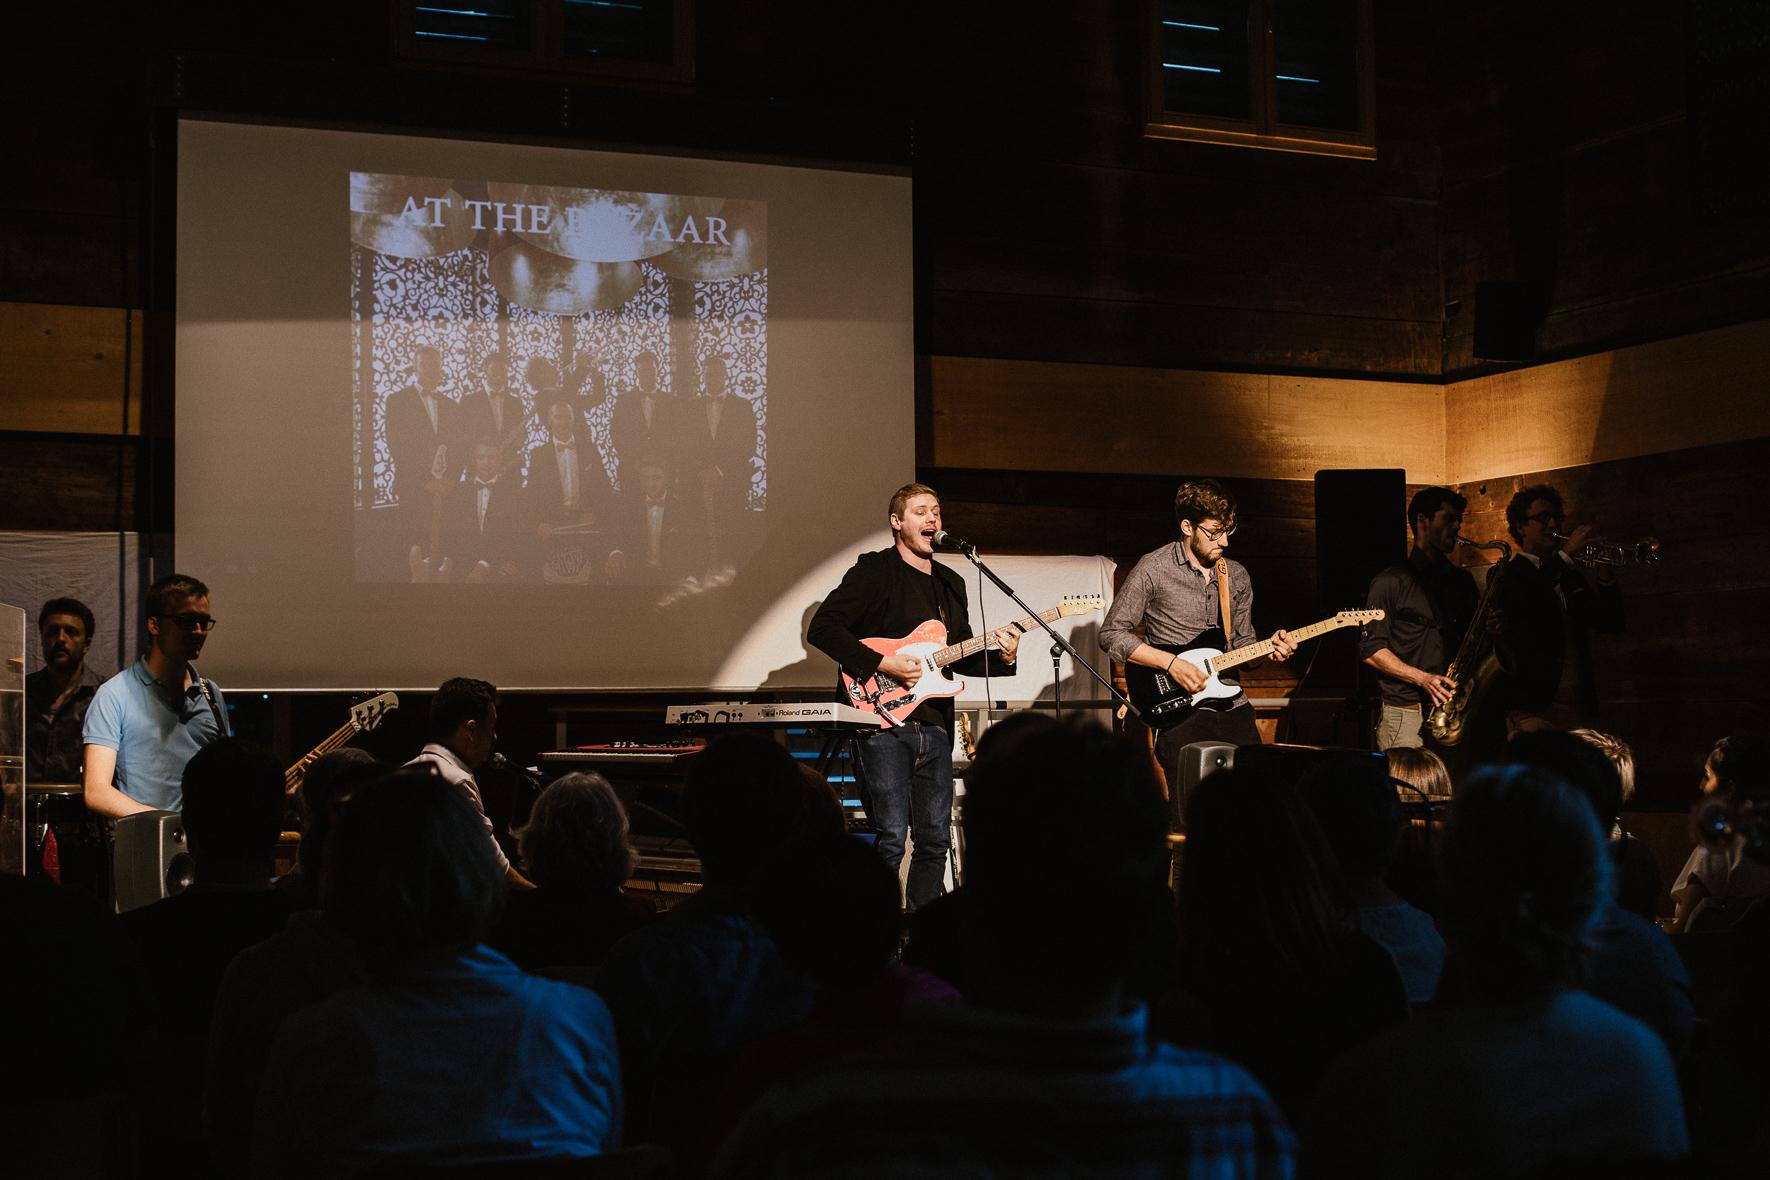 Vor viel Publikum präsentieren The Peppermint Tea Group an einem exklusiven Pre-Hearing ihr zweites Album «At the Bazaar» Foto: Naomi Wirth (www.naomisalome.com)